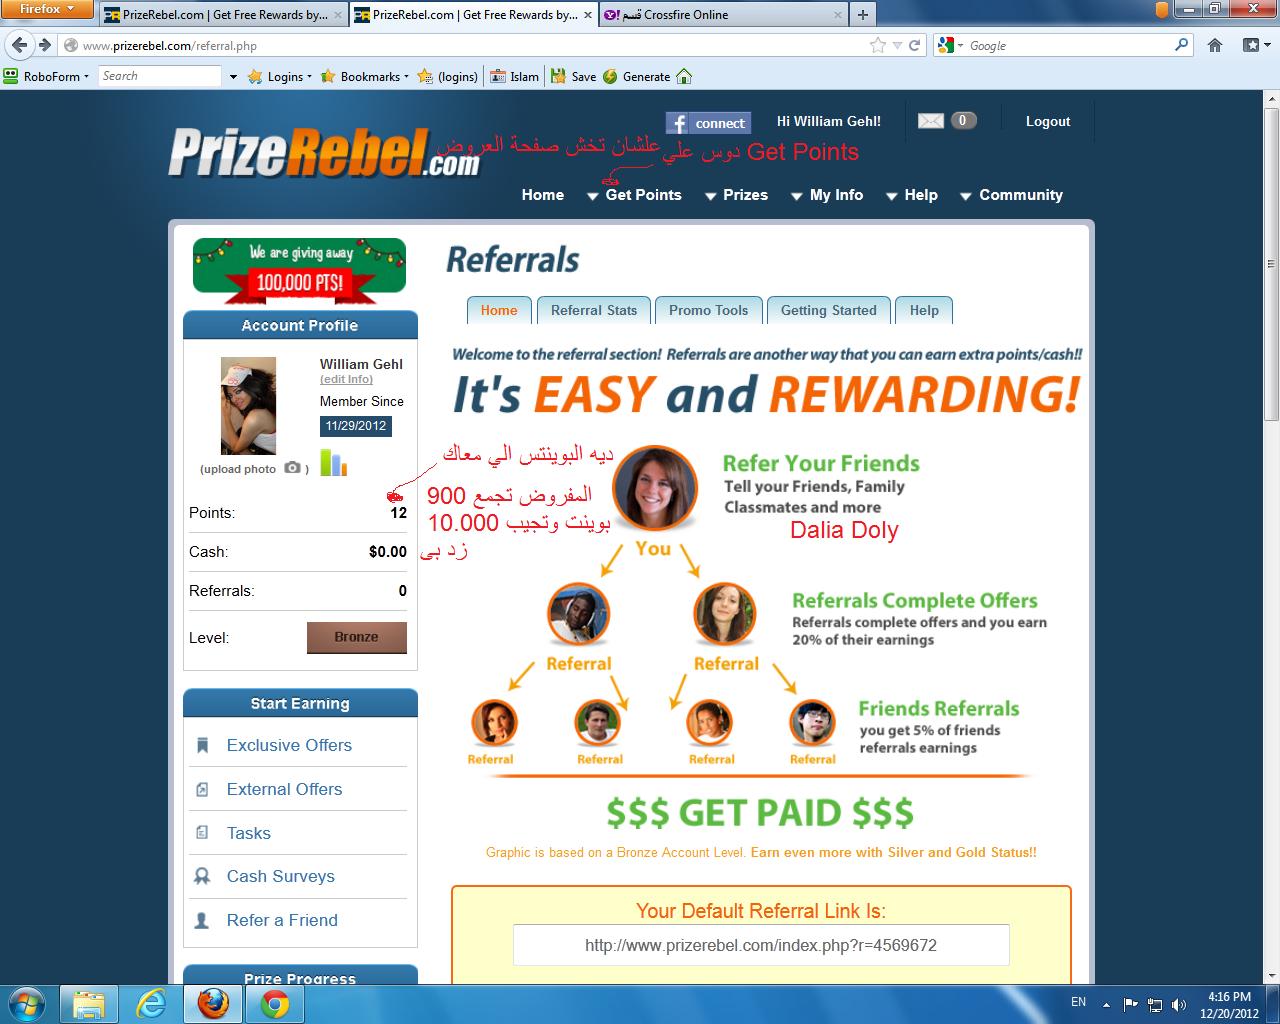 670630616 - الشرح الوافي ل Prize Reble 100% بعد التحديث بالصور